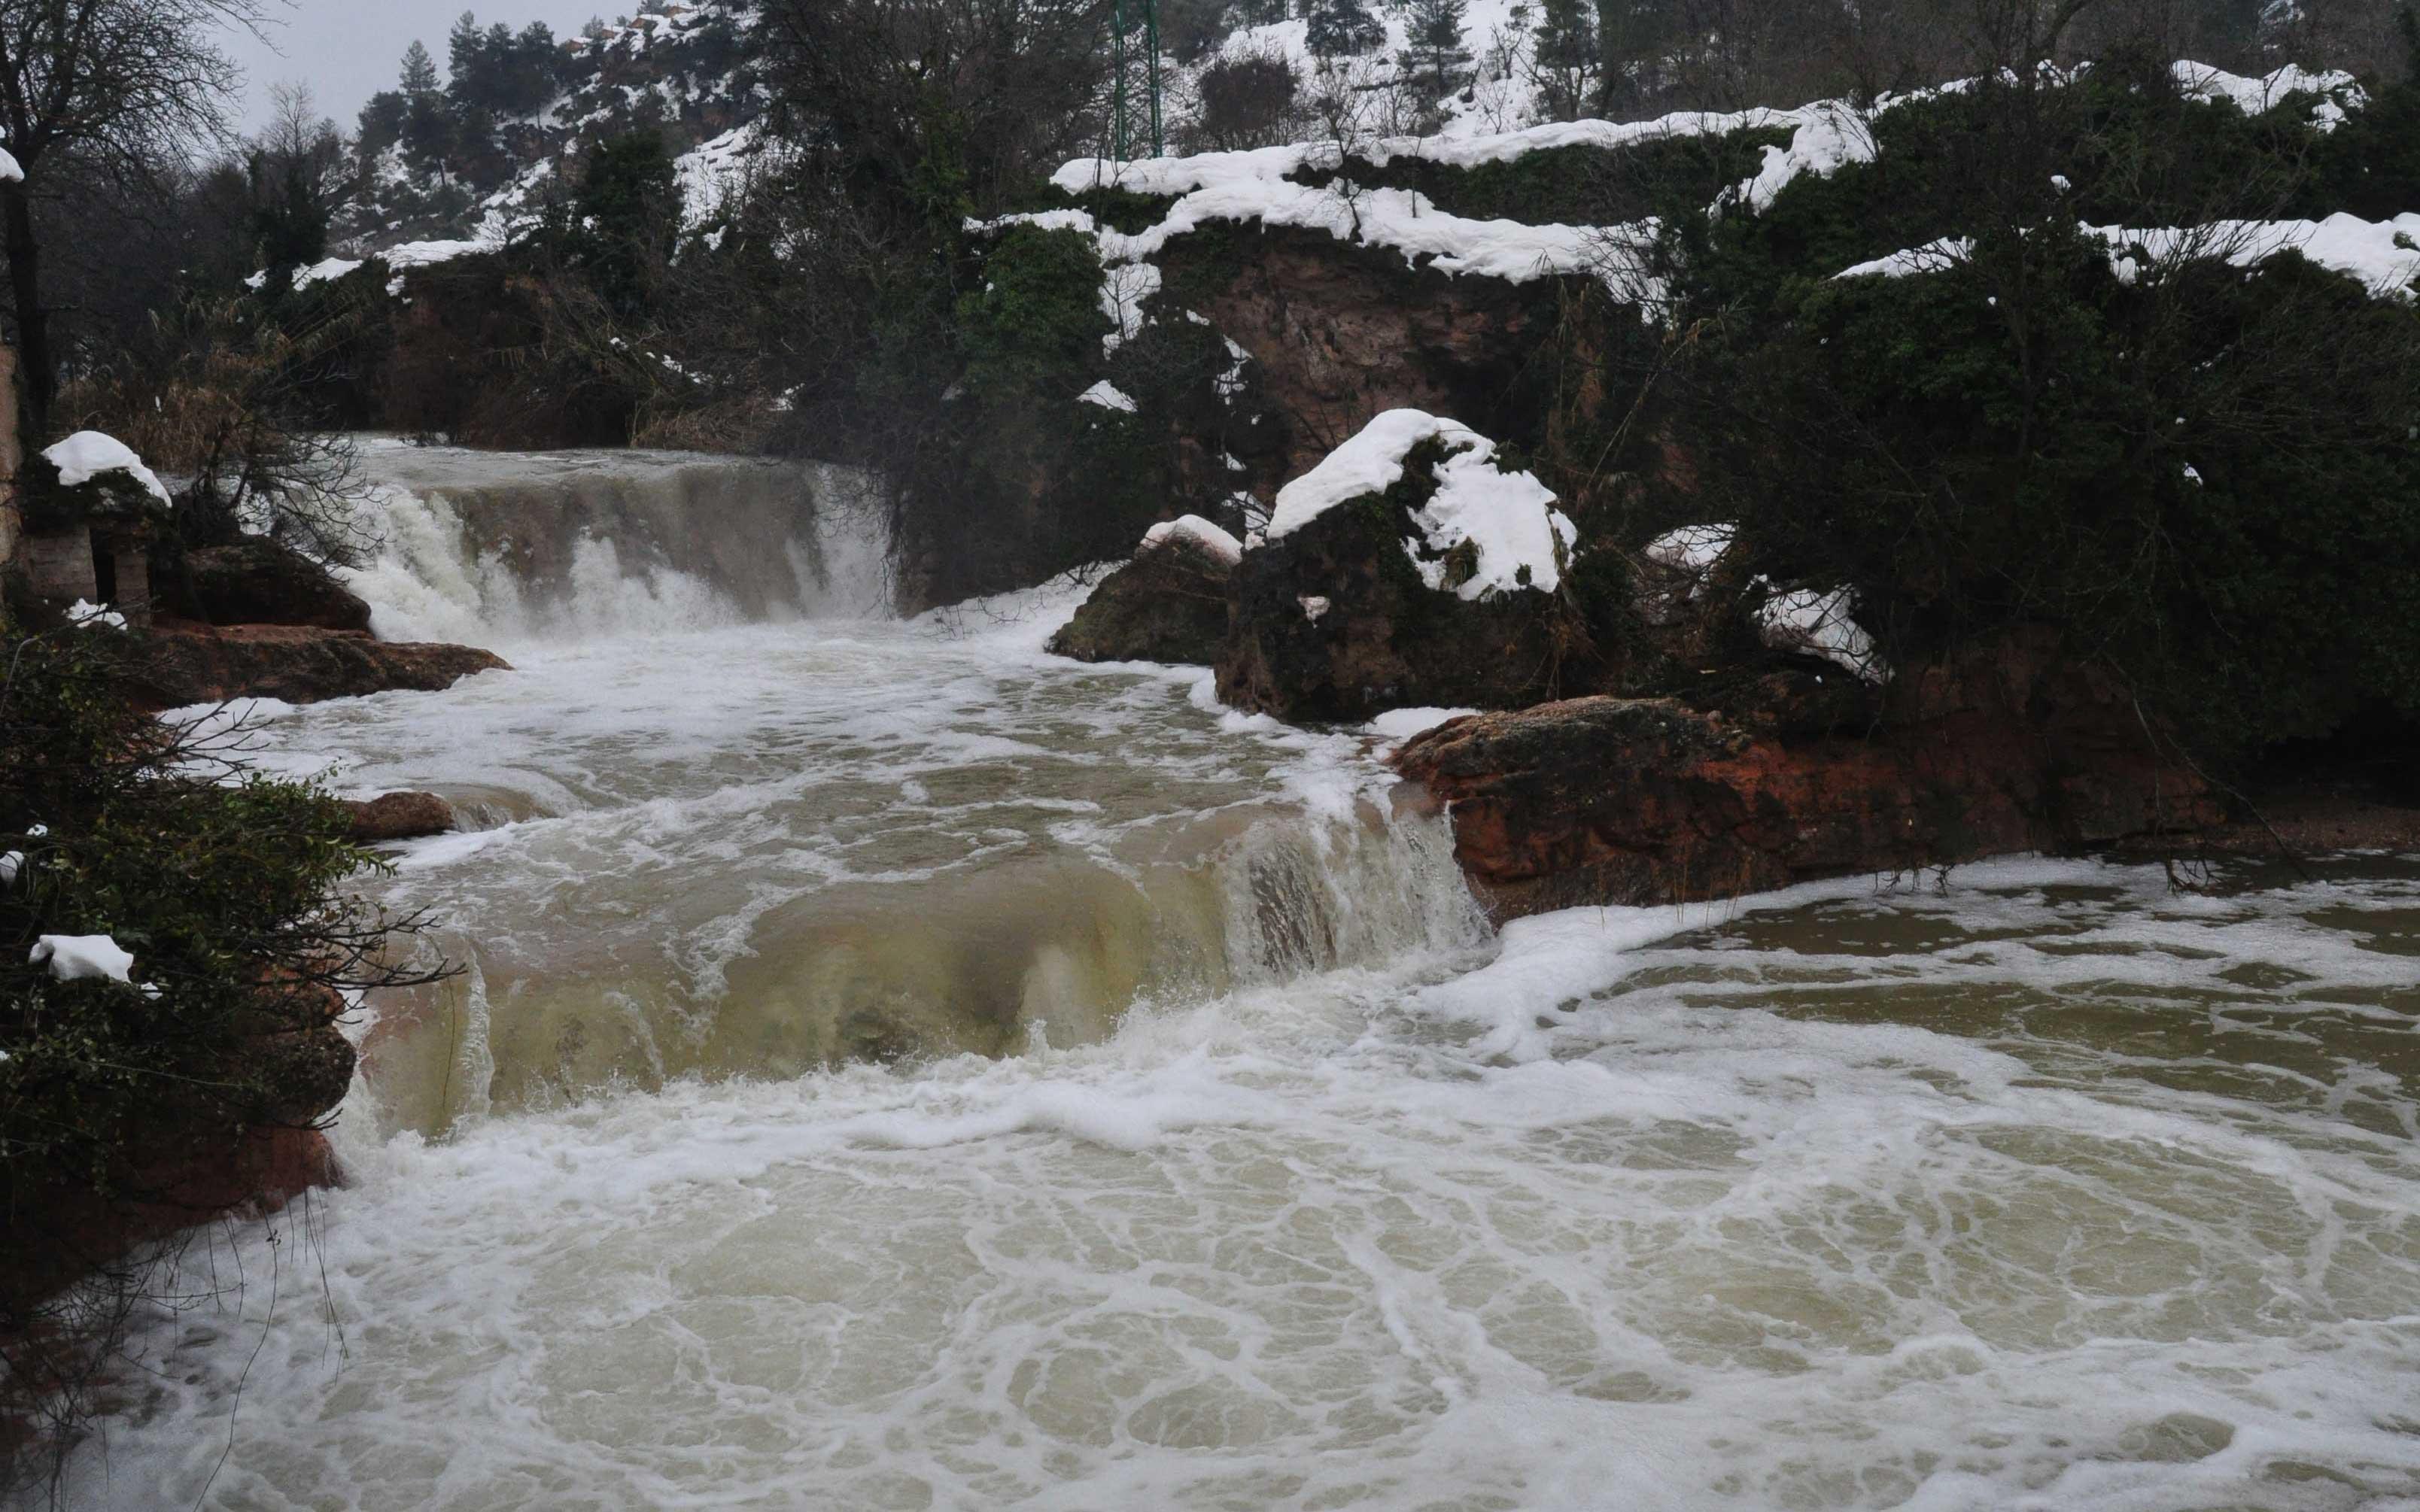 El pico de la riada en Beceite tuvo lugar durante la noche del martes al miércoles.